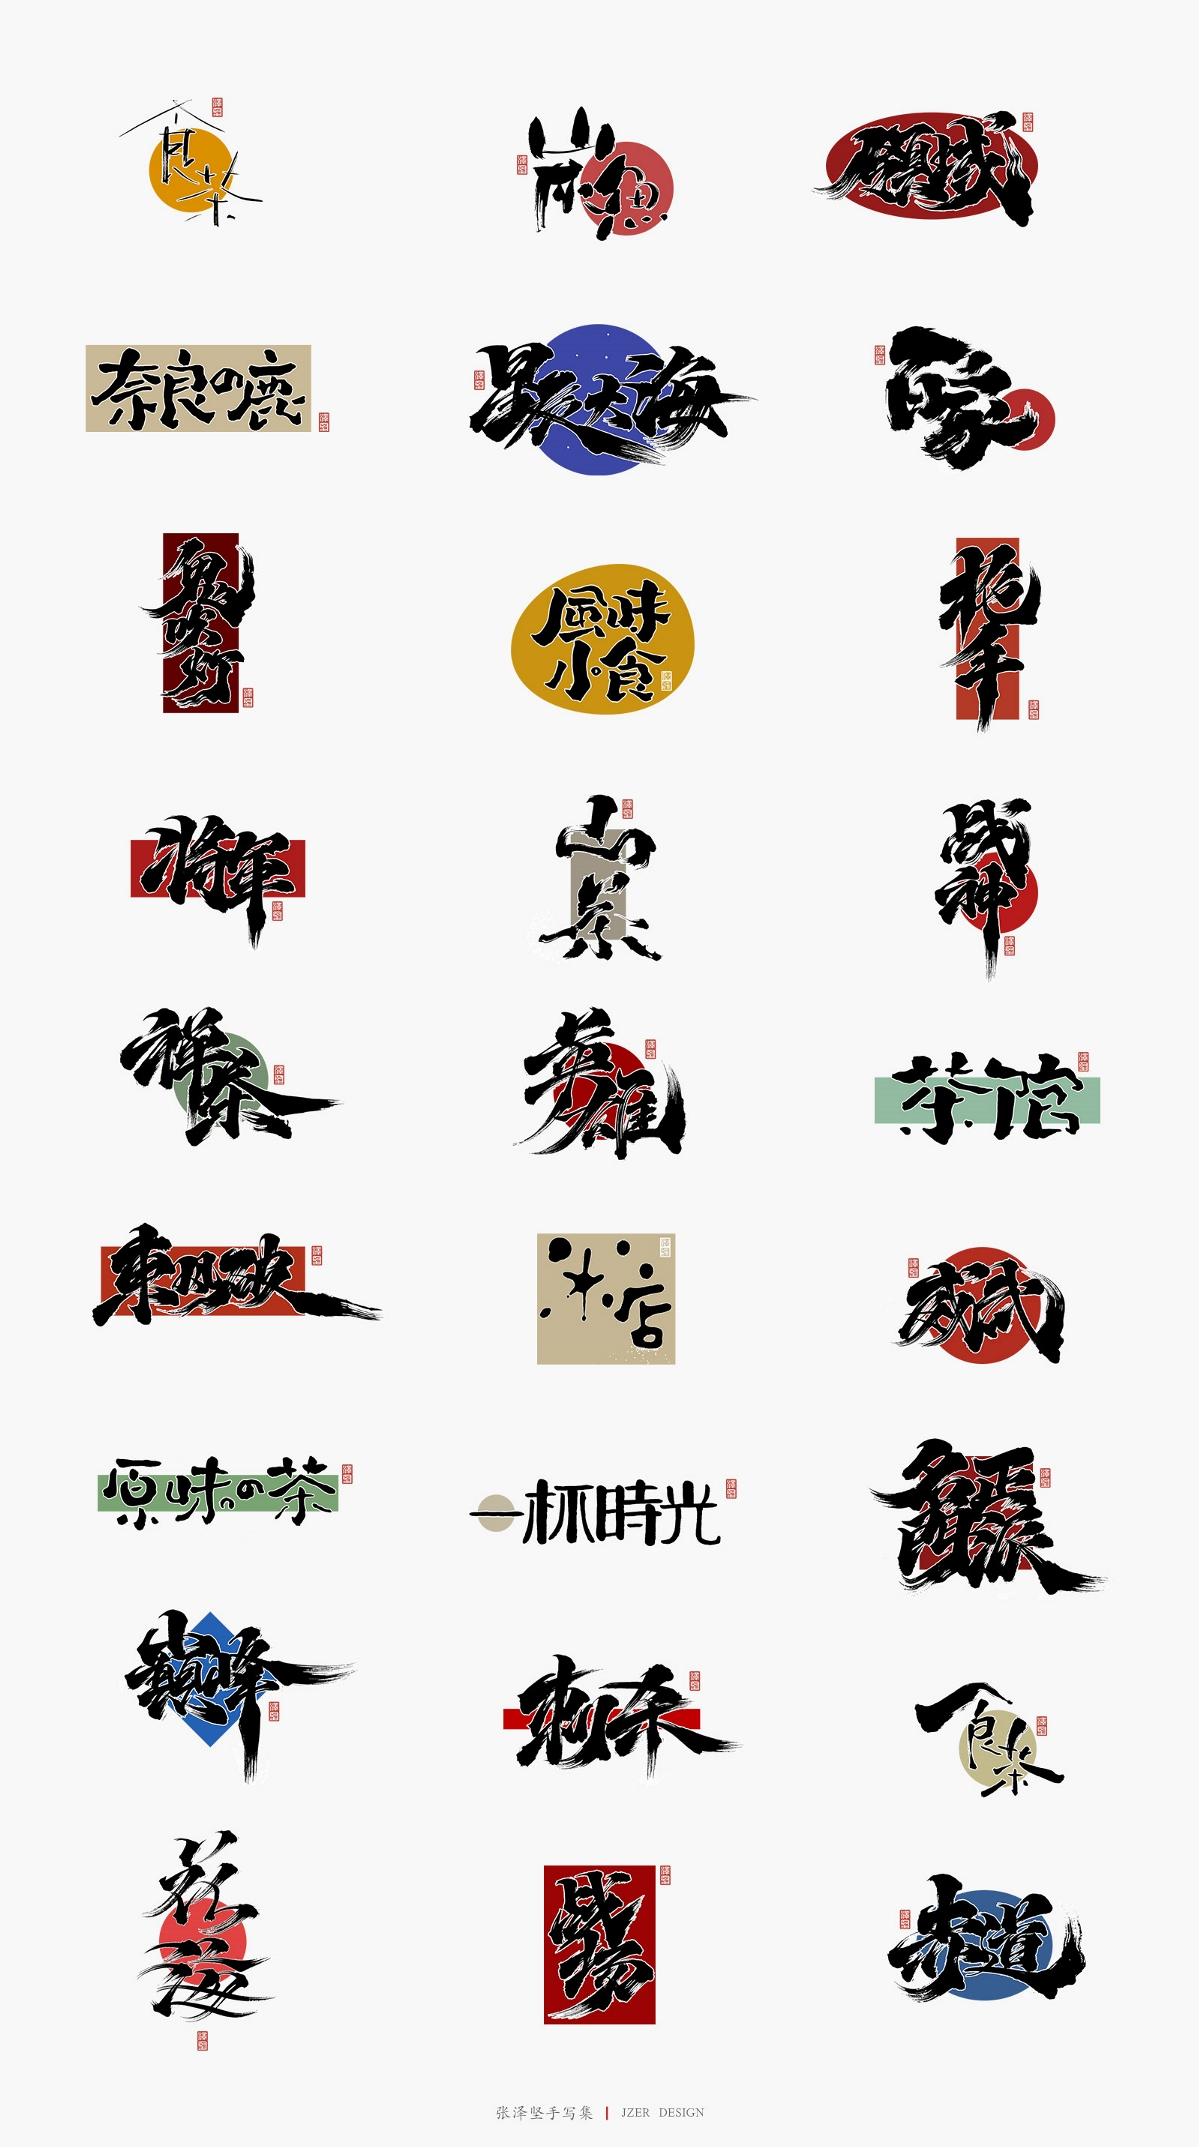 张泽坚手写集 | 手写体与色块的碰撞